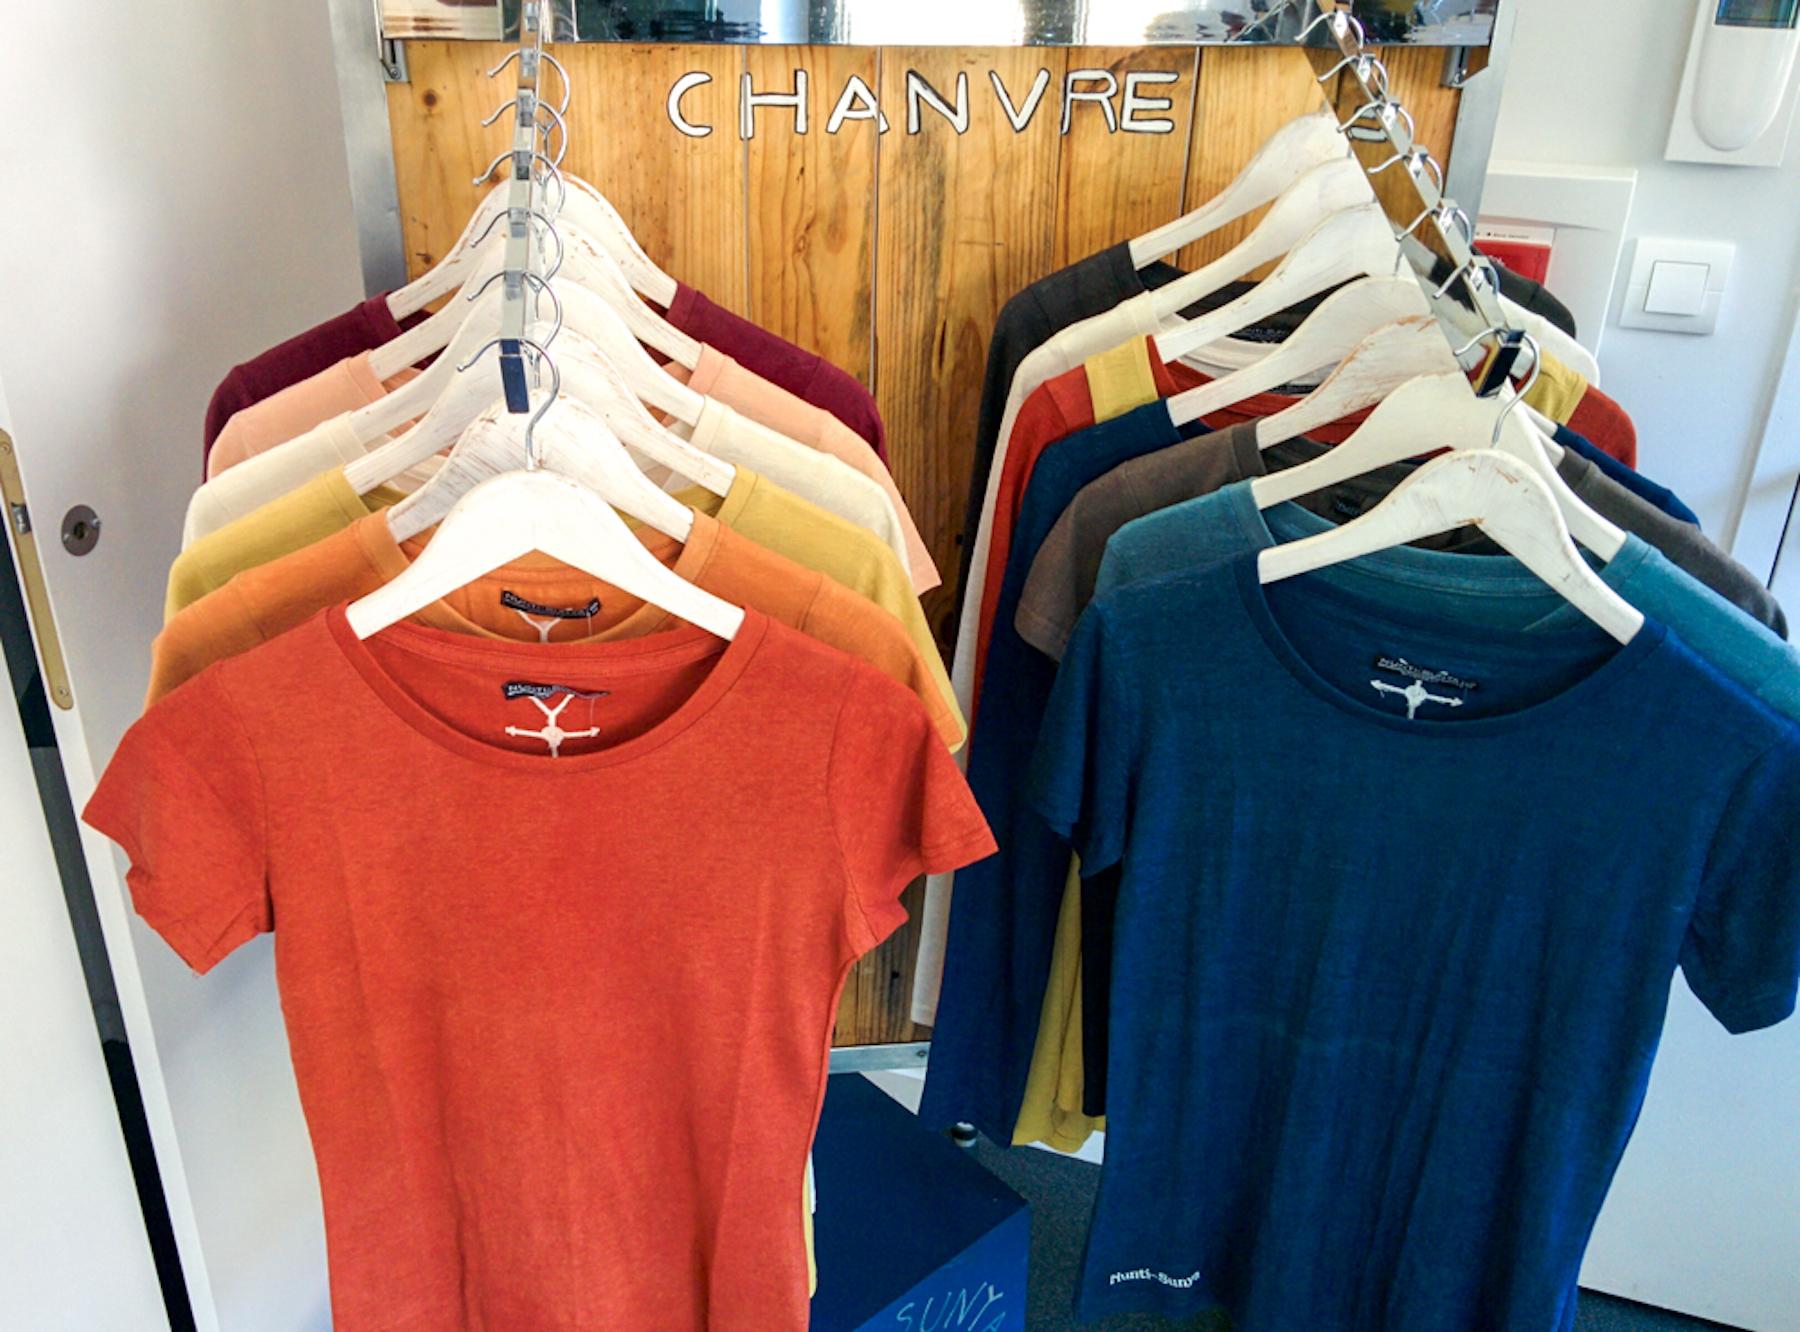 Des t-shirts fabriqués à partir de fibres de chanvre, produits par l'entreprise Nunty Sunya.